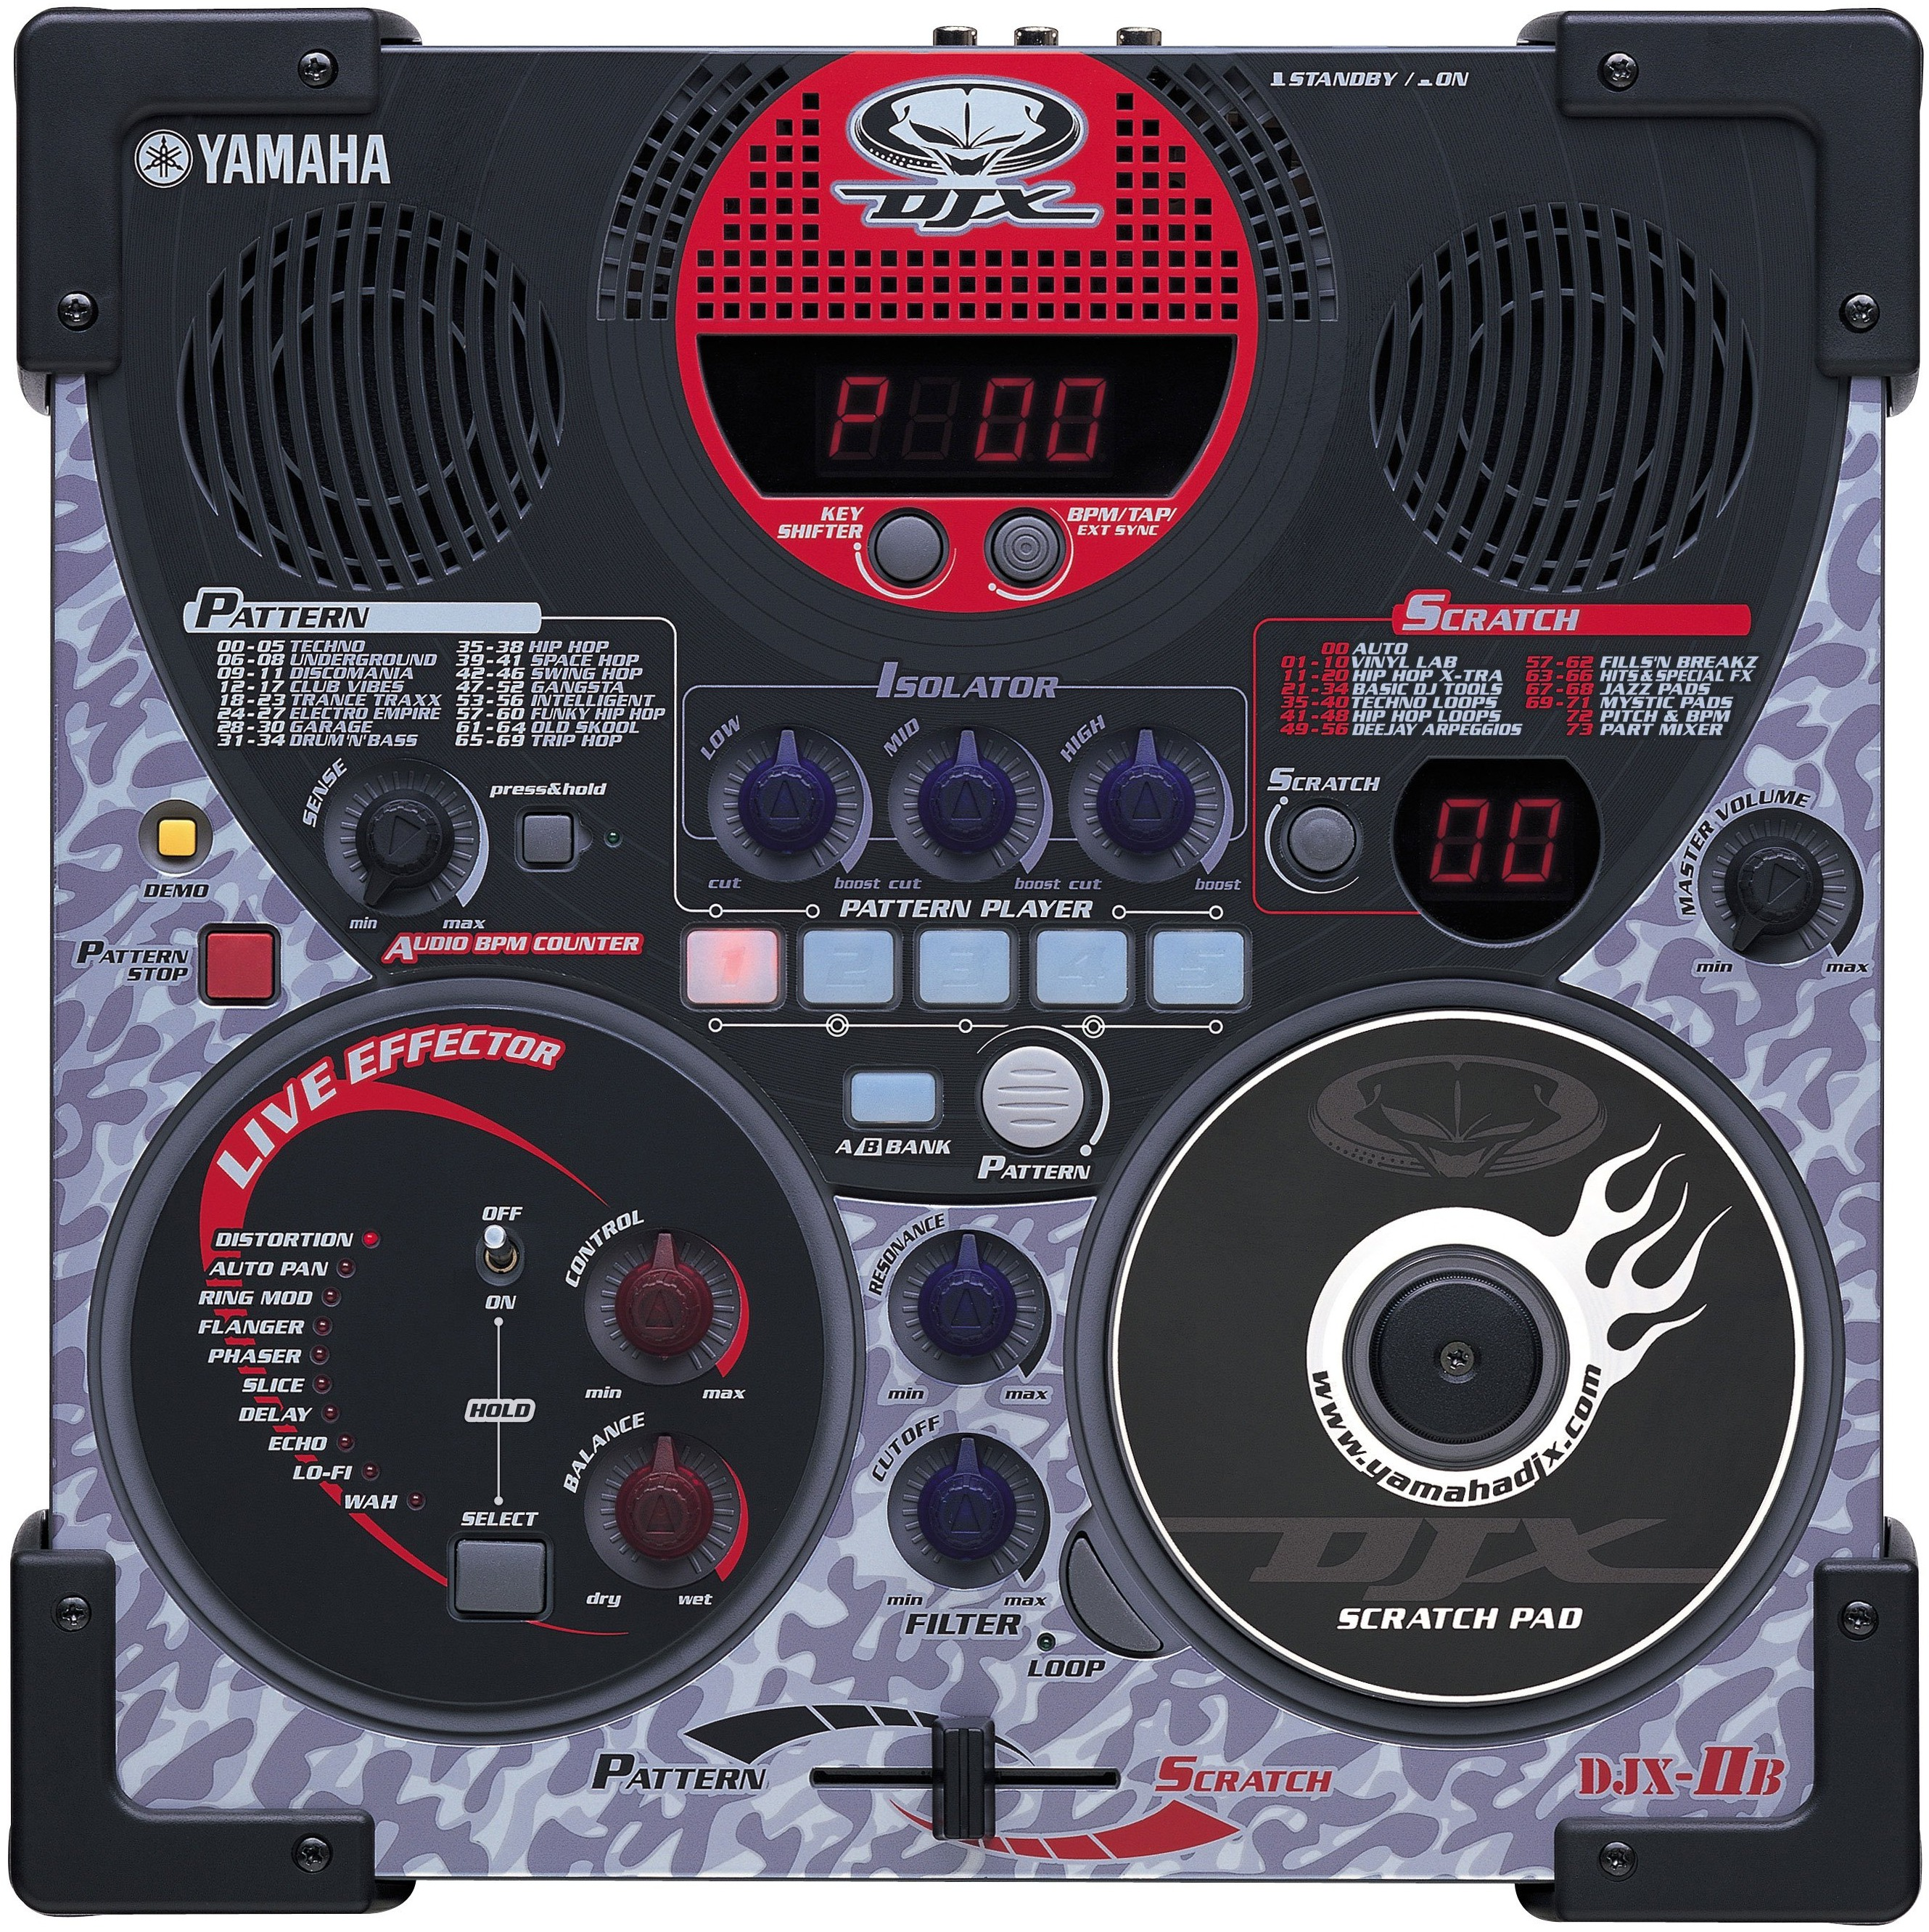 yamaha djx iib image 390563 audiofanzine rh en audiofanzine com yamaha djx ii keyboard manual yamaha djx ii keyboard manual